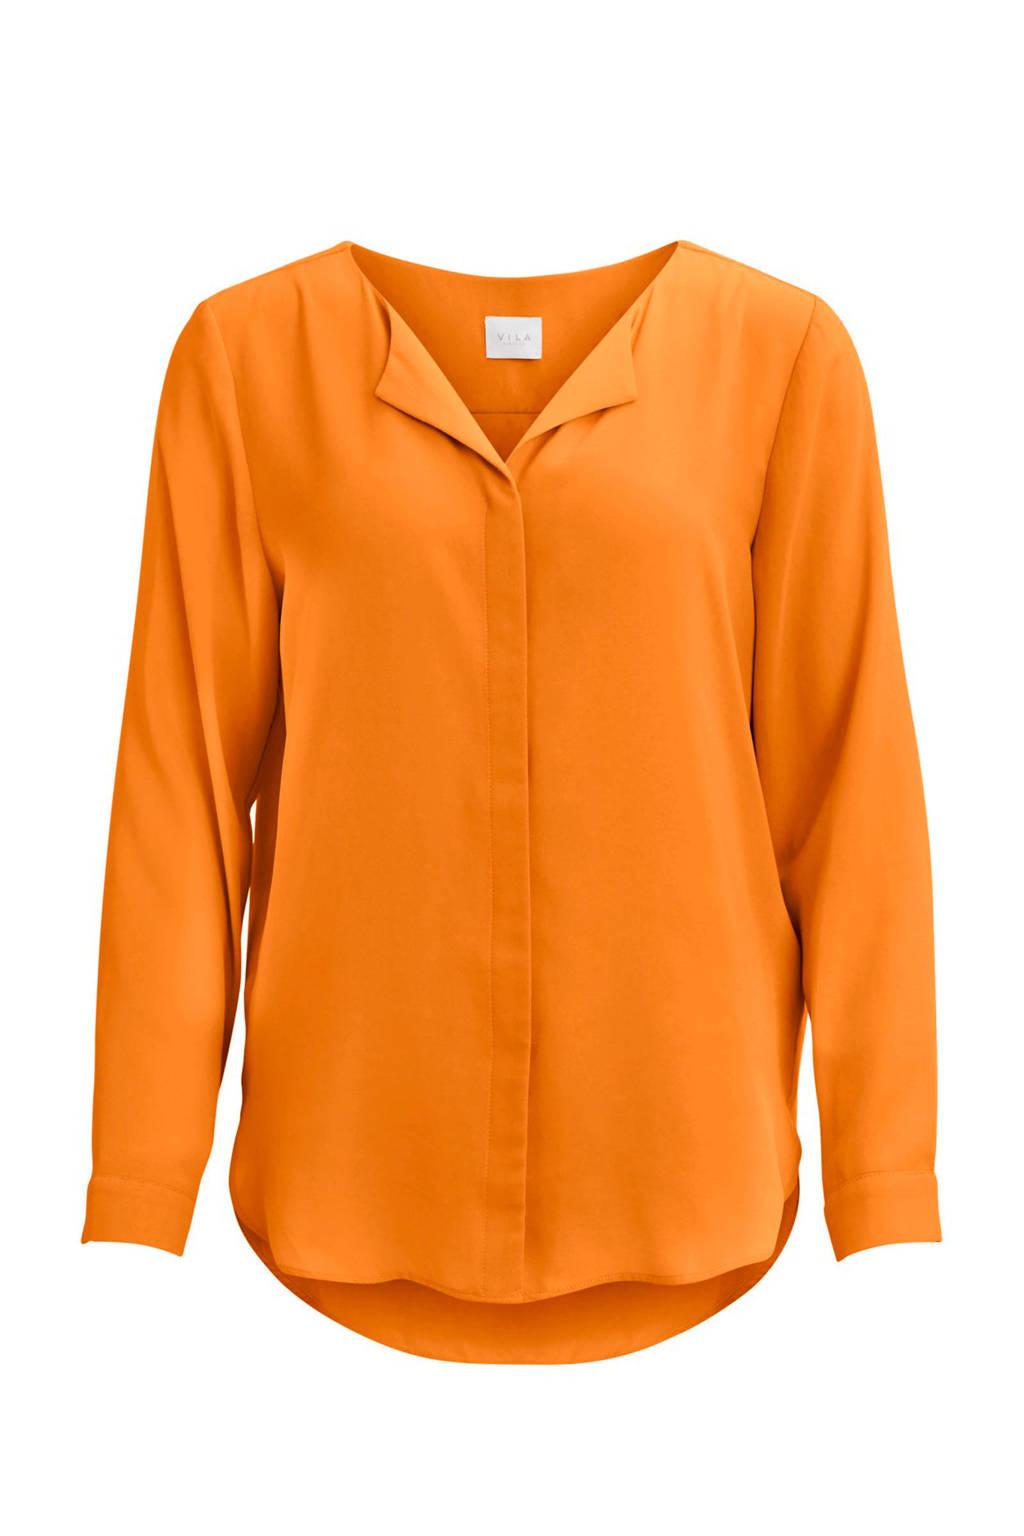 VILA blouse okergeel, Okergeel